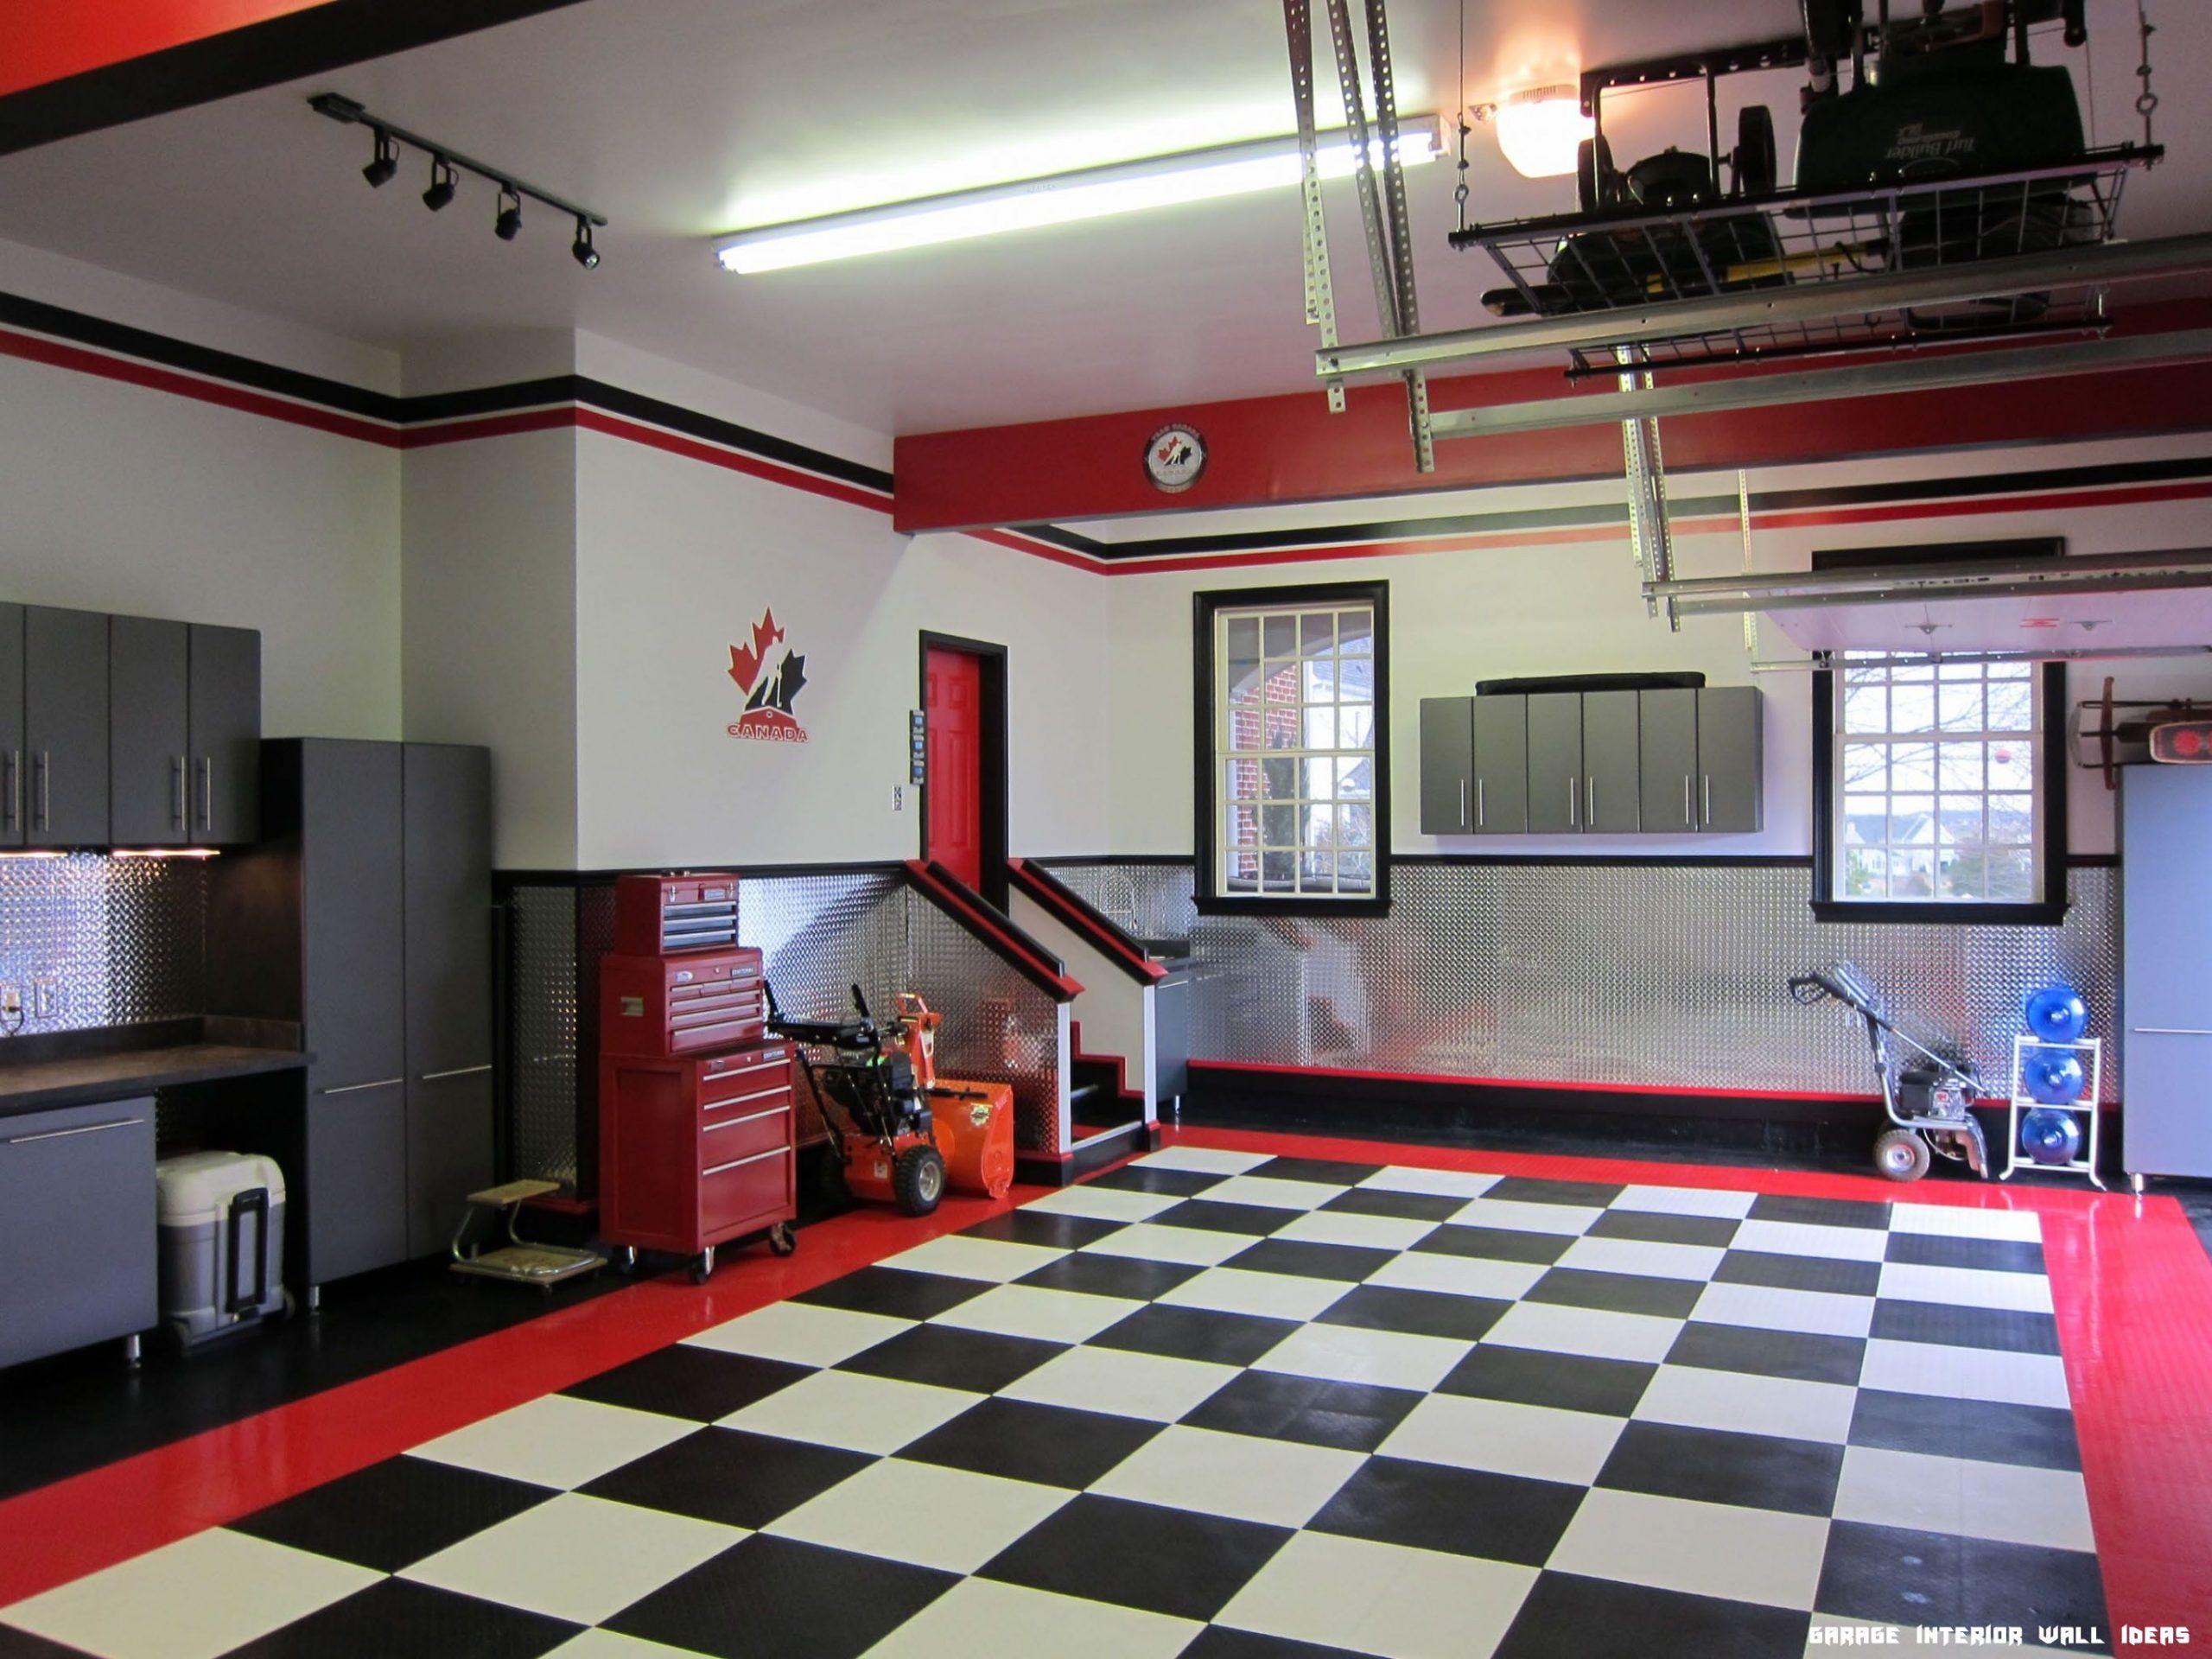 14 Garage Interior Wall Ideas In 2020 Garage Design Interior Garage Design Garage Interior